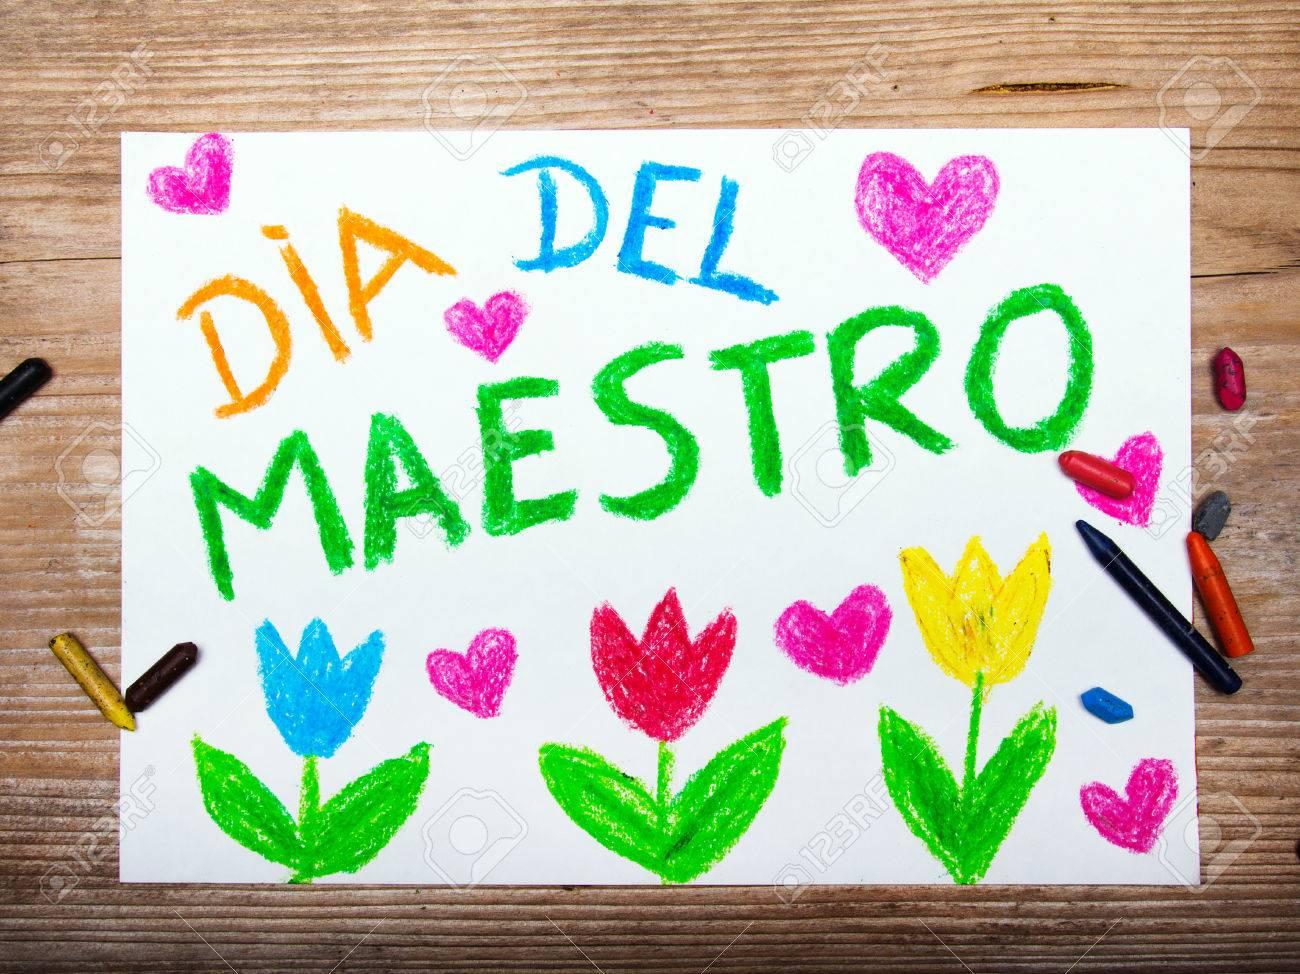 Dibujo Colorido Tarjeta Día Del Maestro Español Con Las Palabras